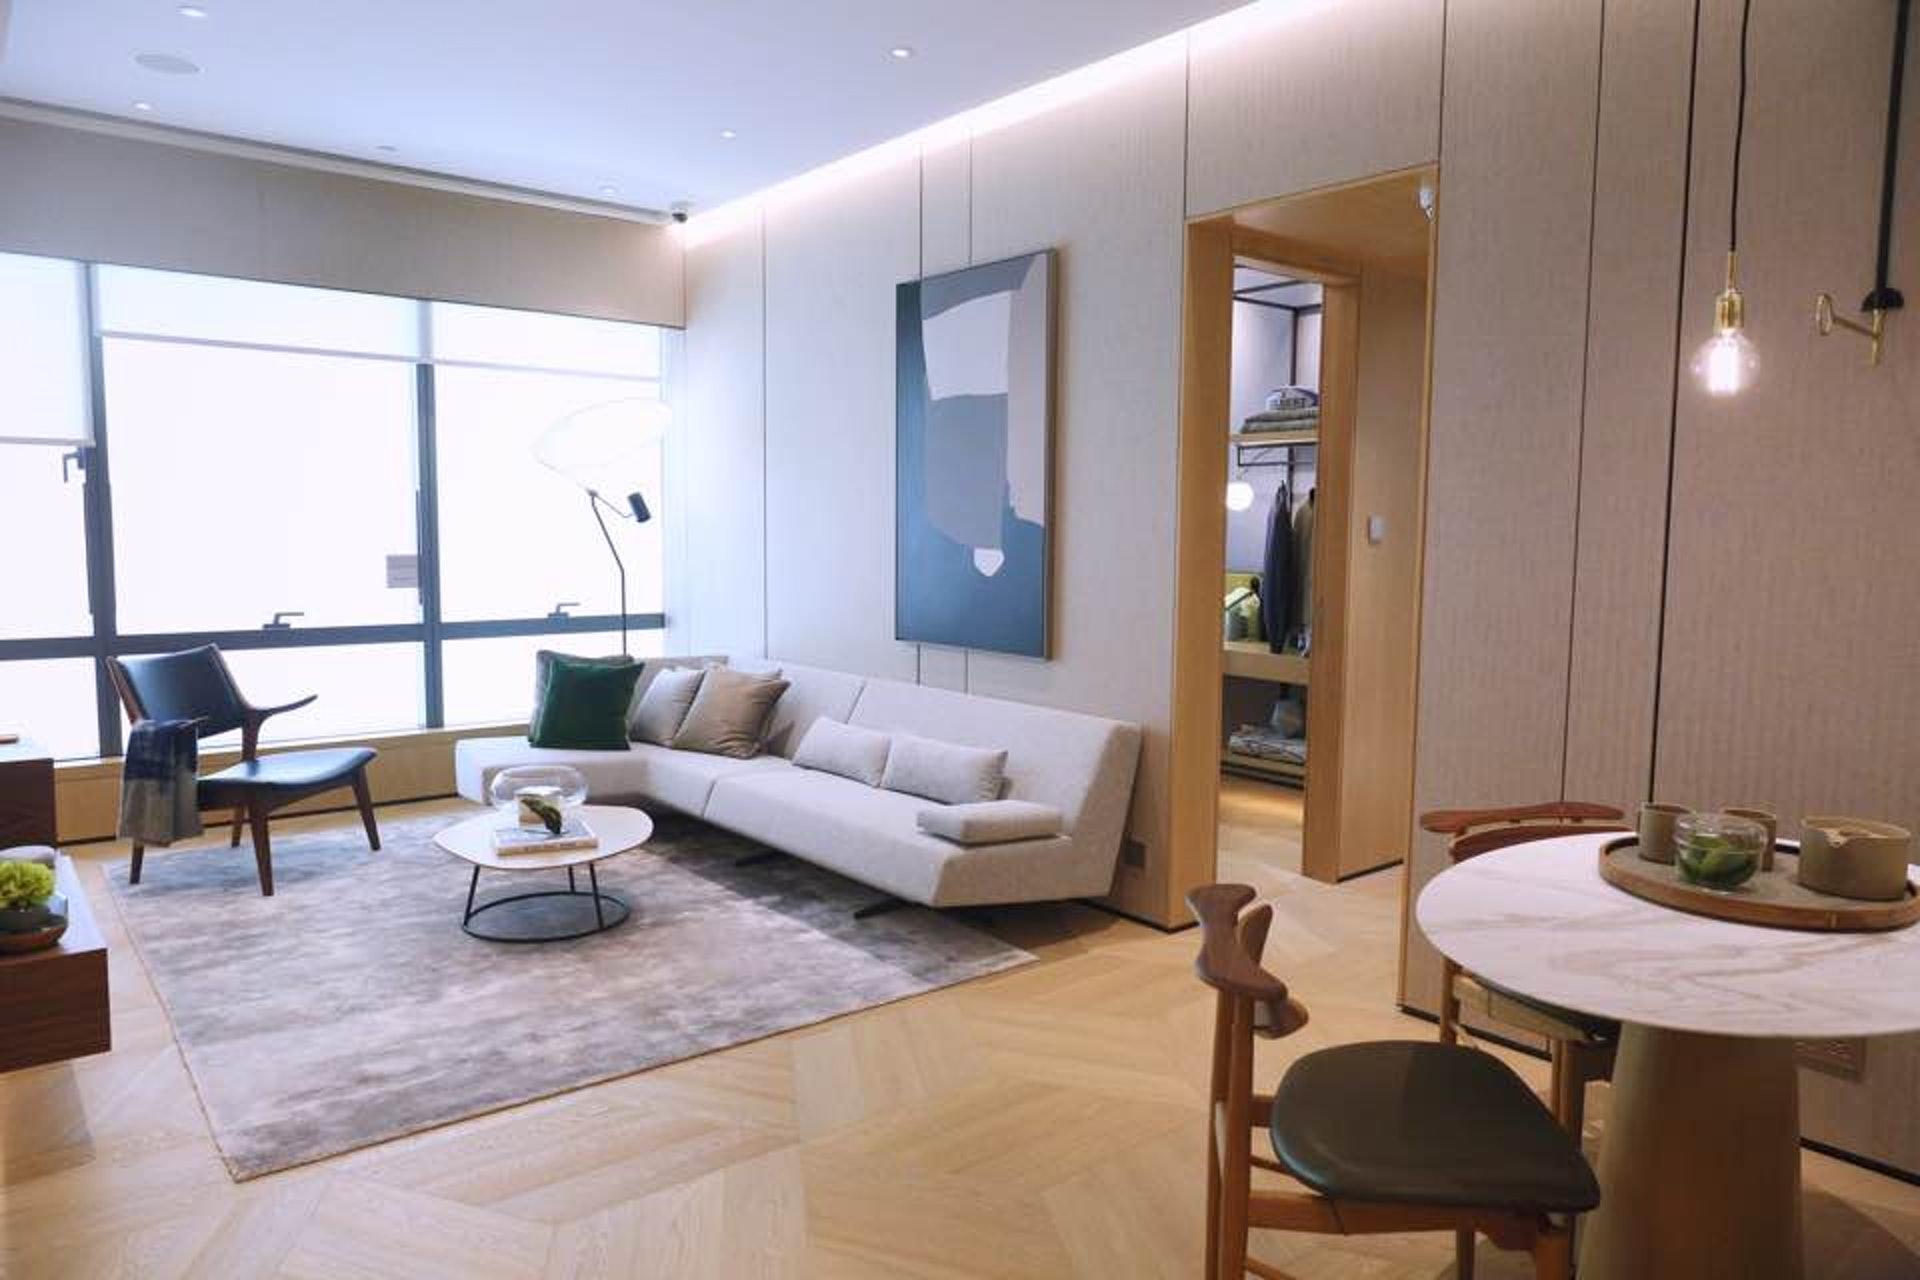 連裝修示位參考7A座7樓D室搭建,屬兩房連一套房間隔,實用面積781方呎。(歐嘉樂攝)